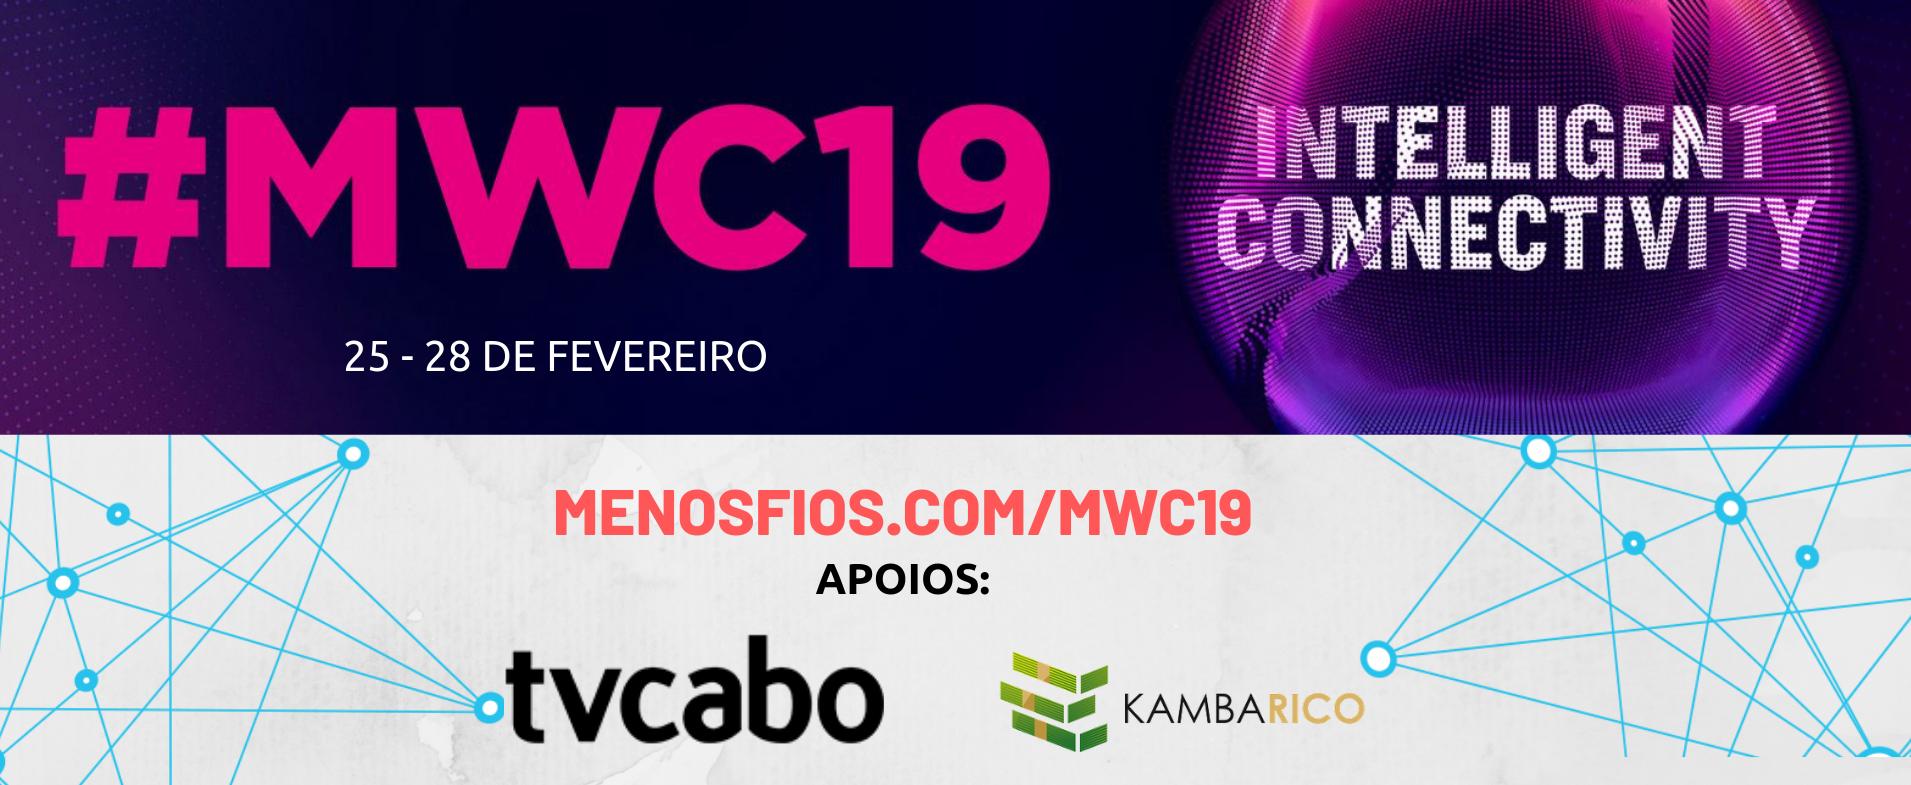 MWC 2019 - menosfios.com